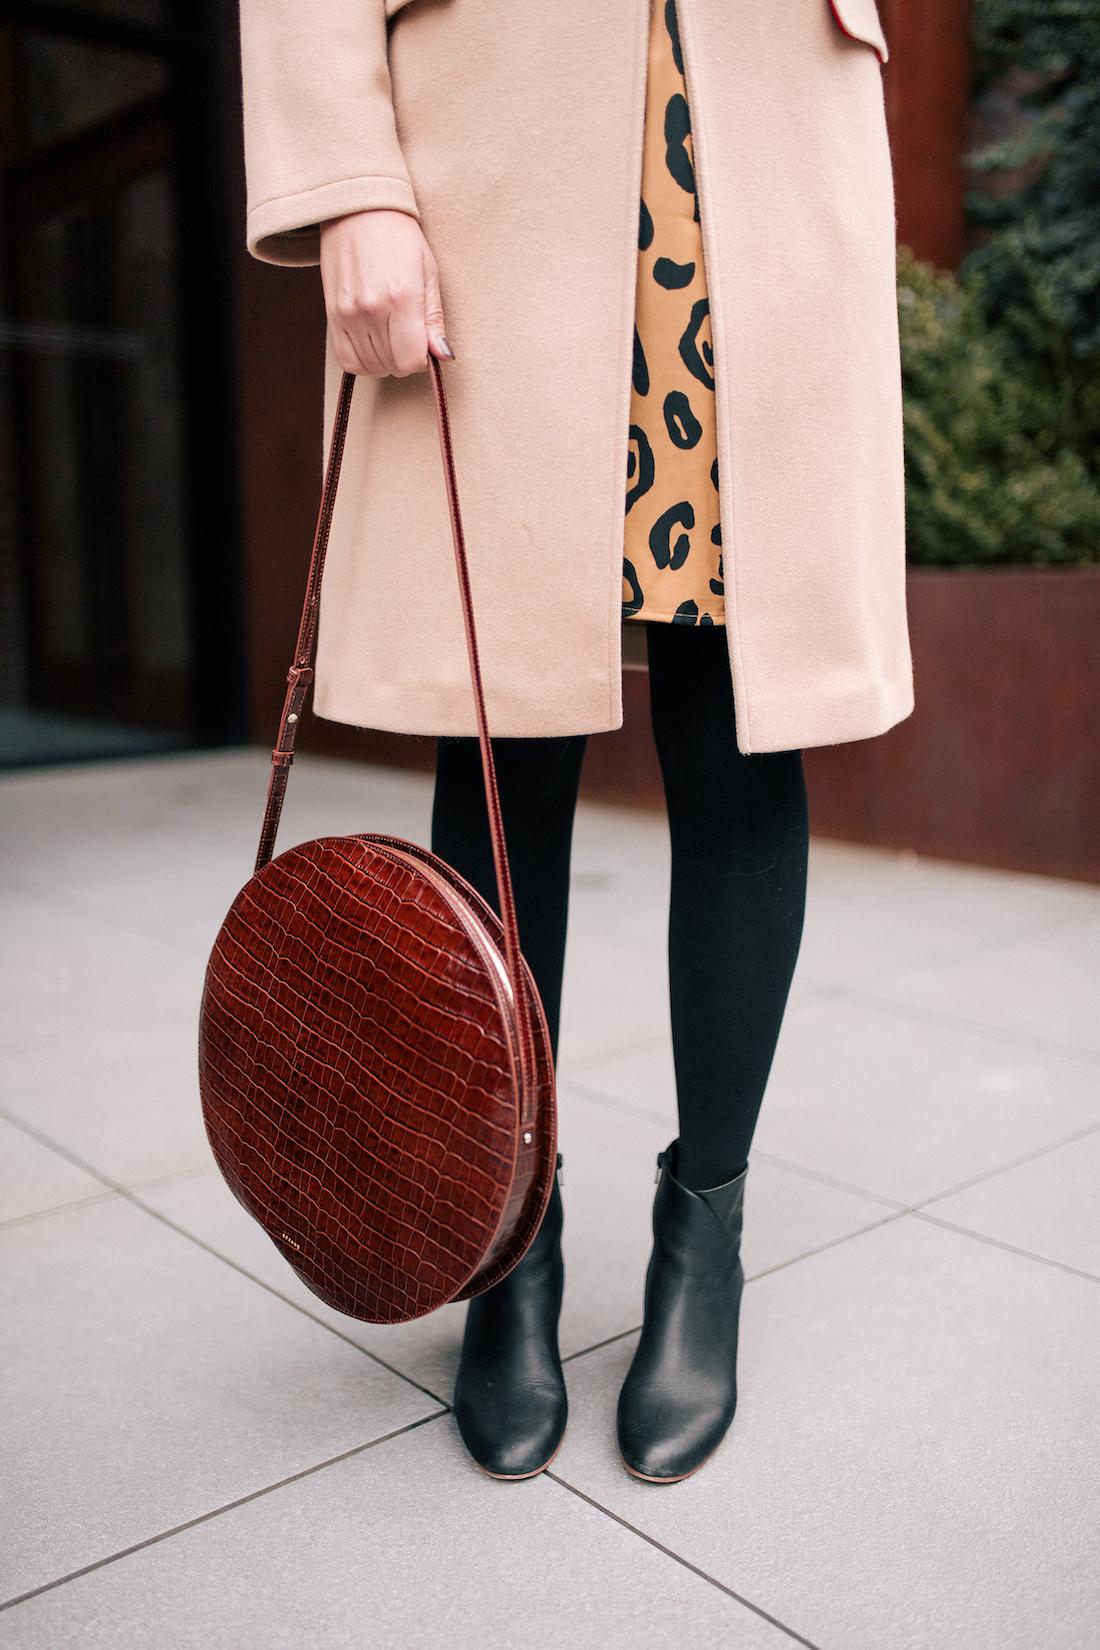 Soludos Boots & Sézane Bag